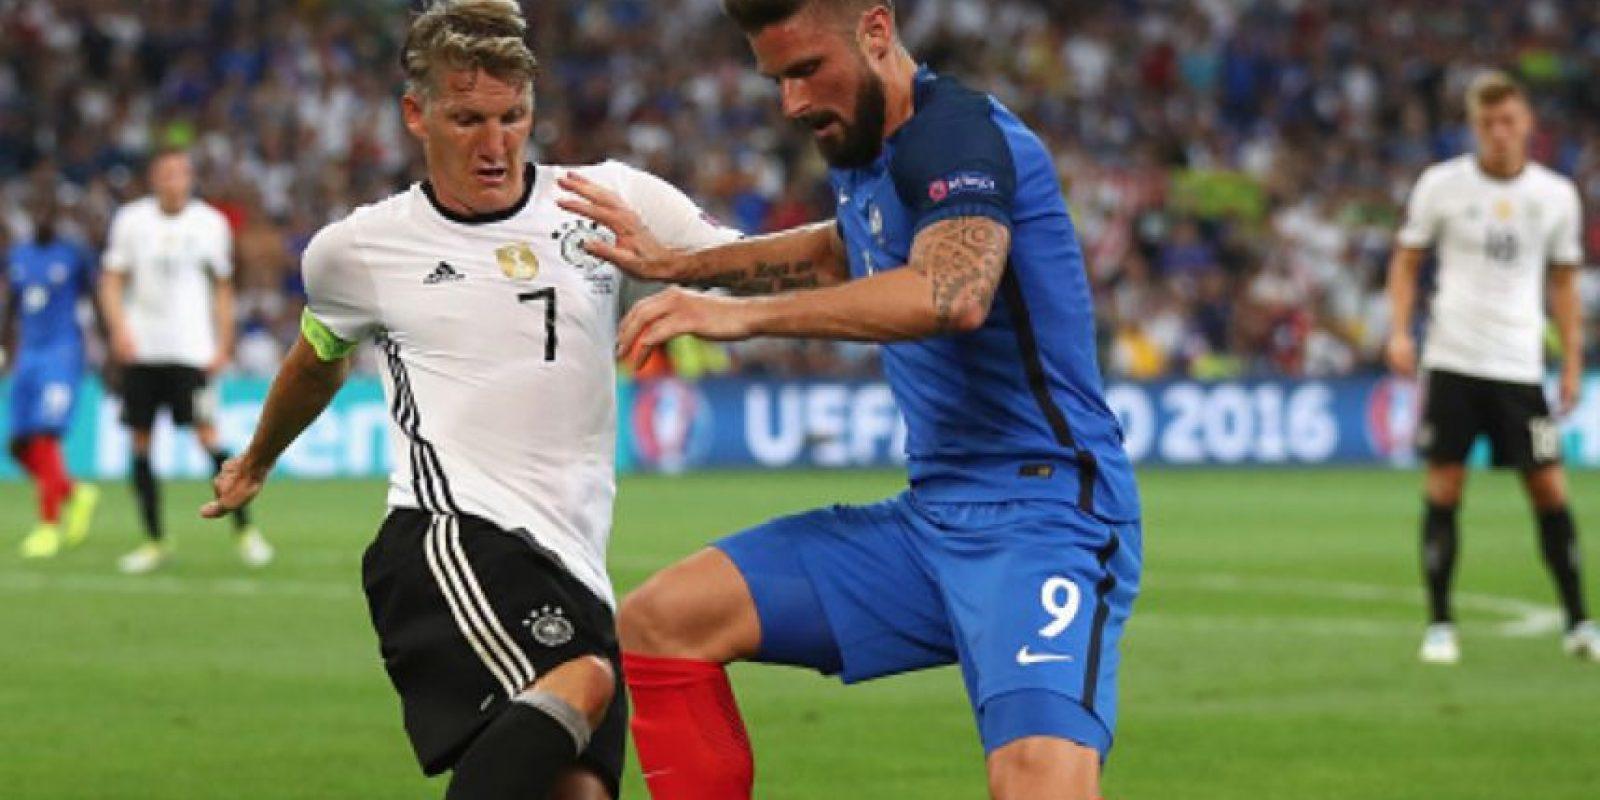 La Euro 2016 fue su último torneo como seleccionado alemán. Foto:Getty Images